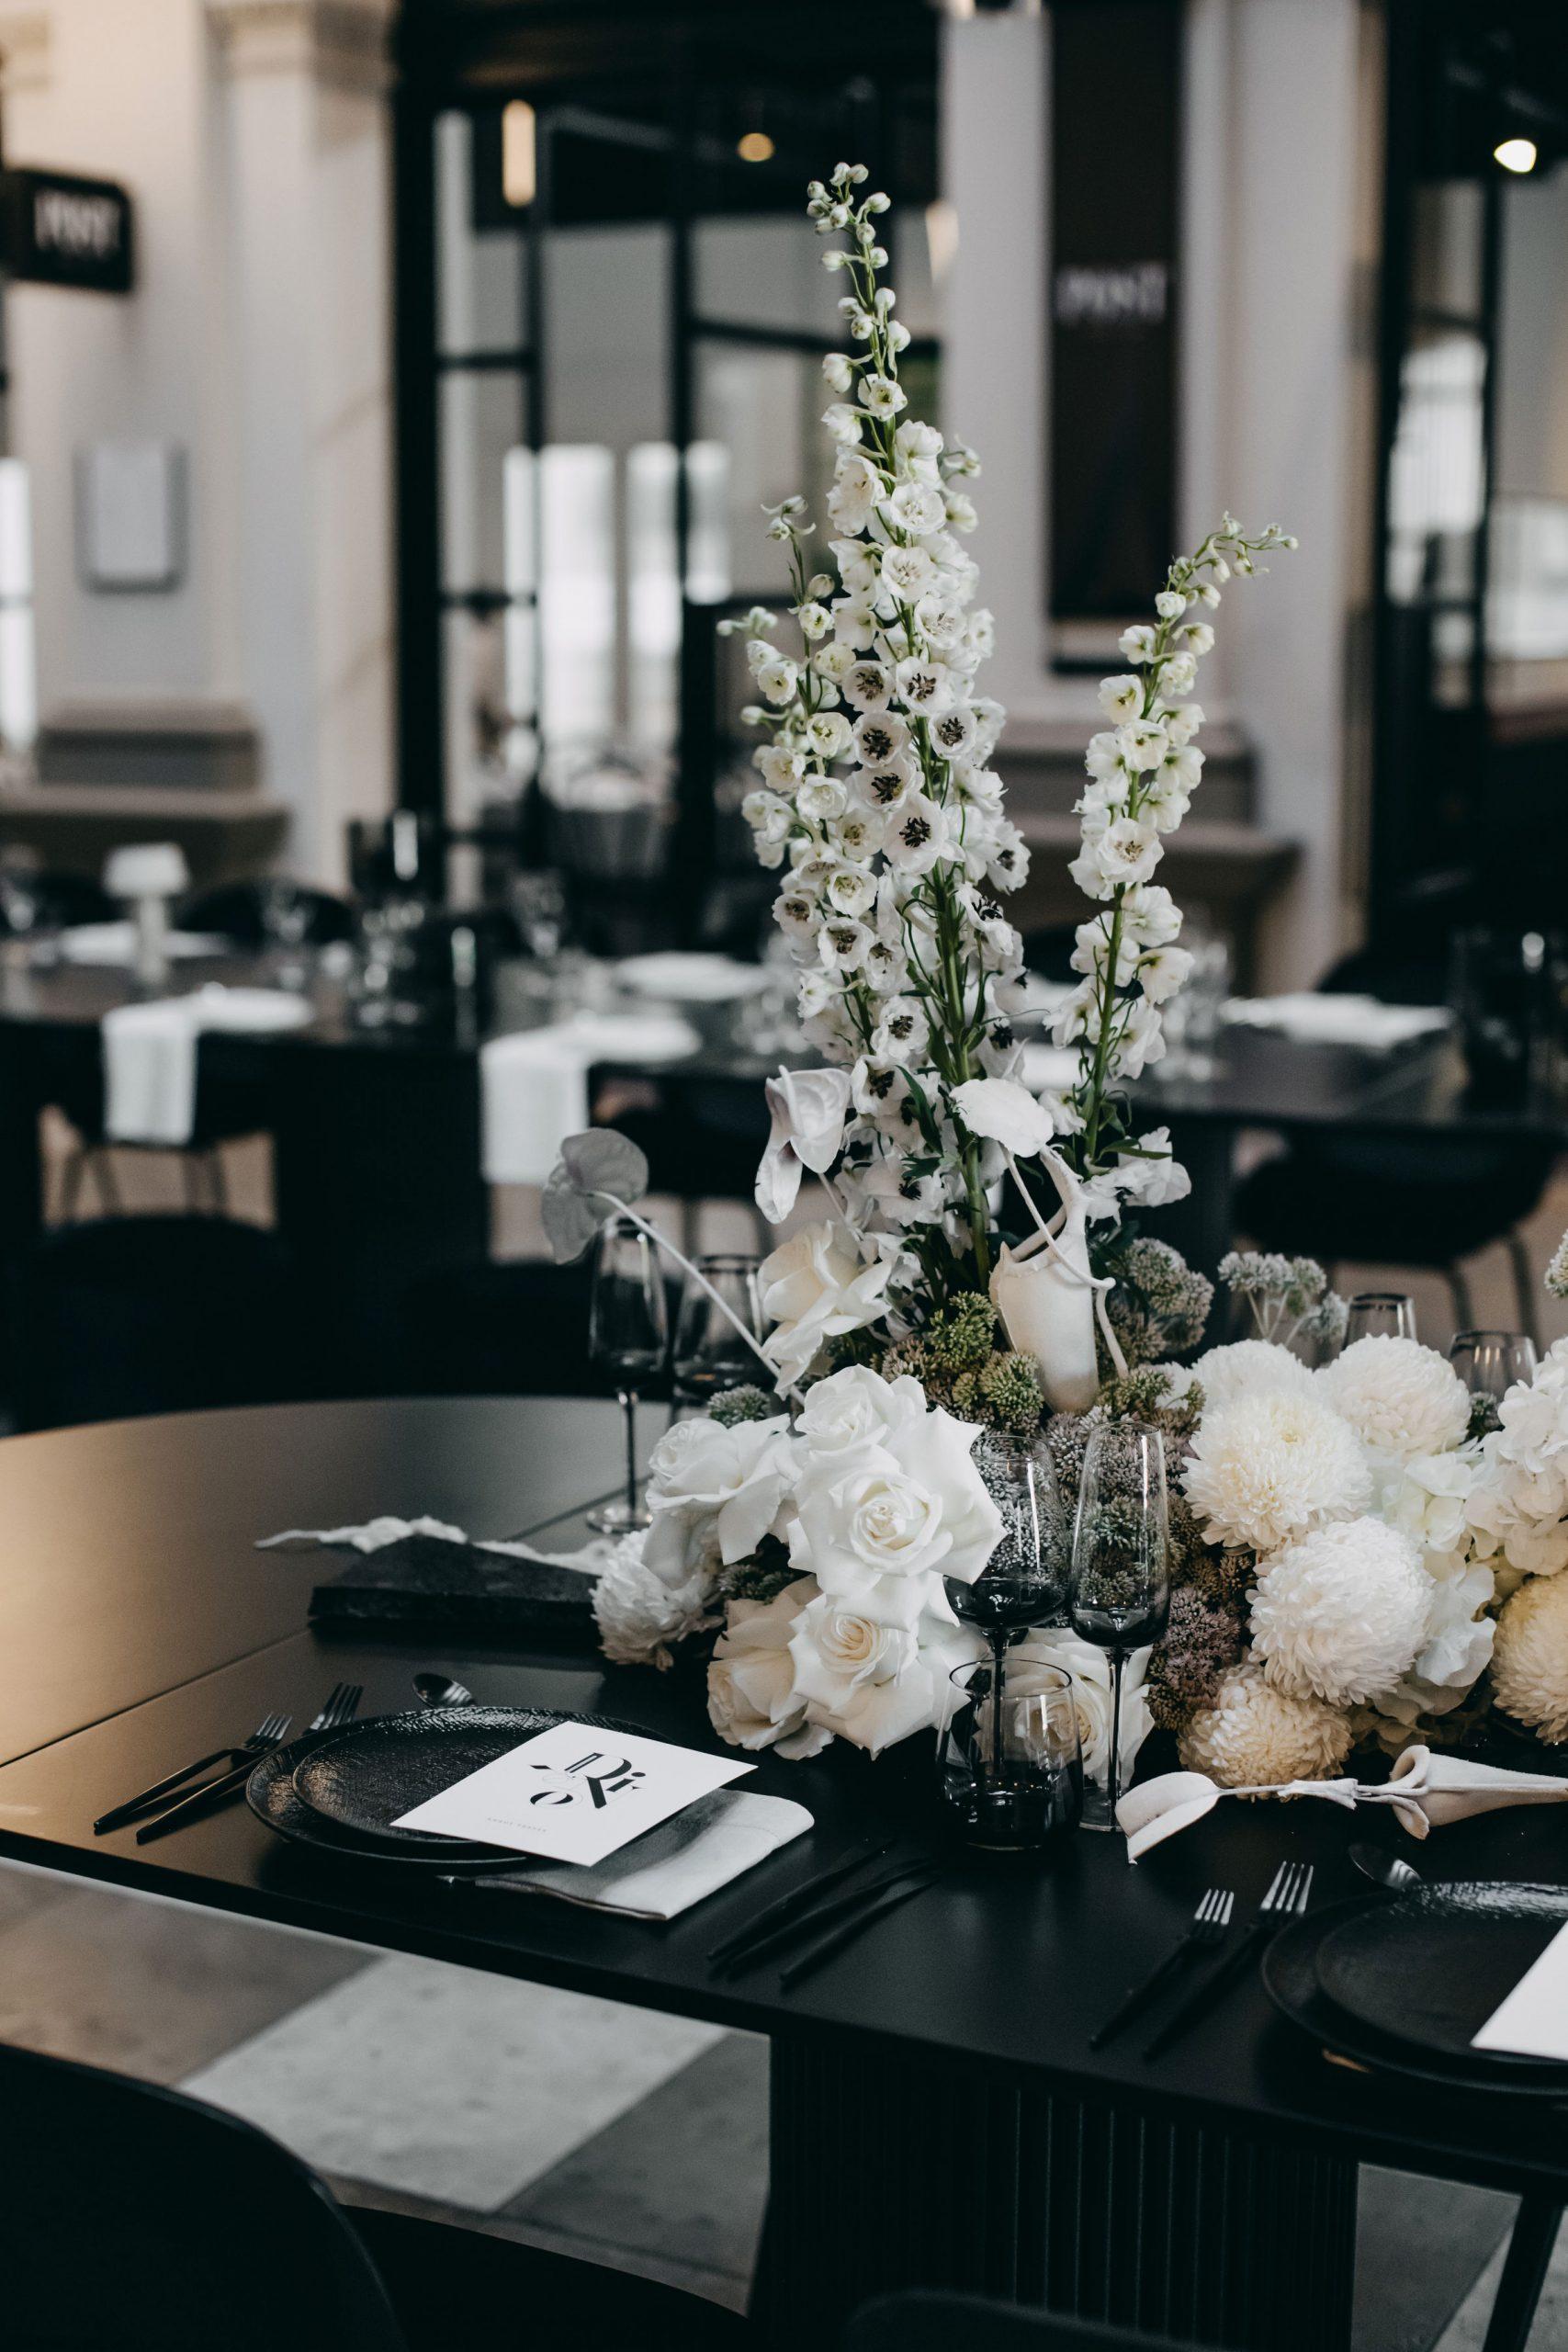 4-WEDDINGOPENDAY-THESTATEBUILDINGS-21FEB2021